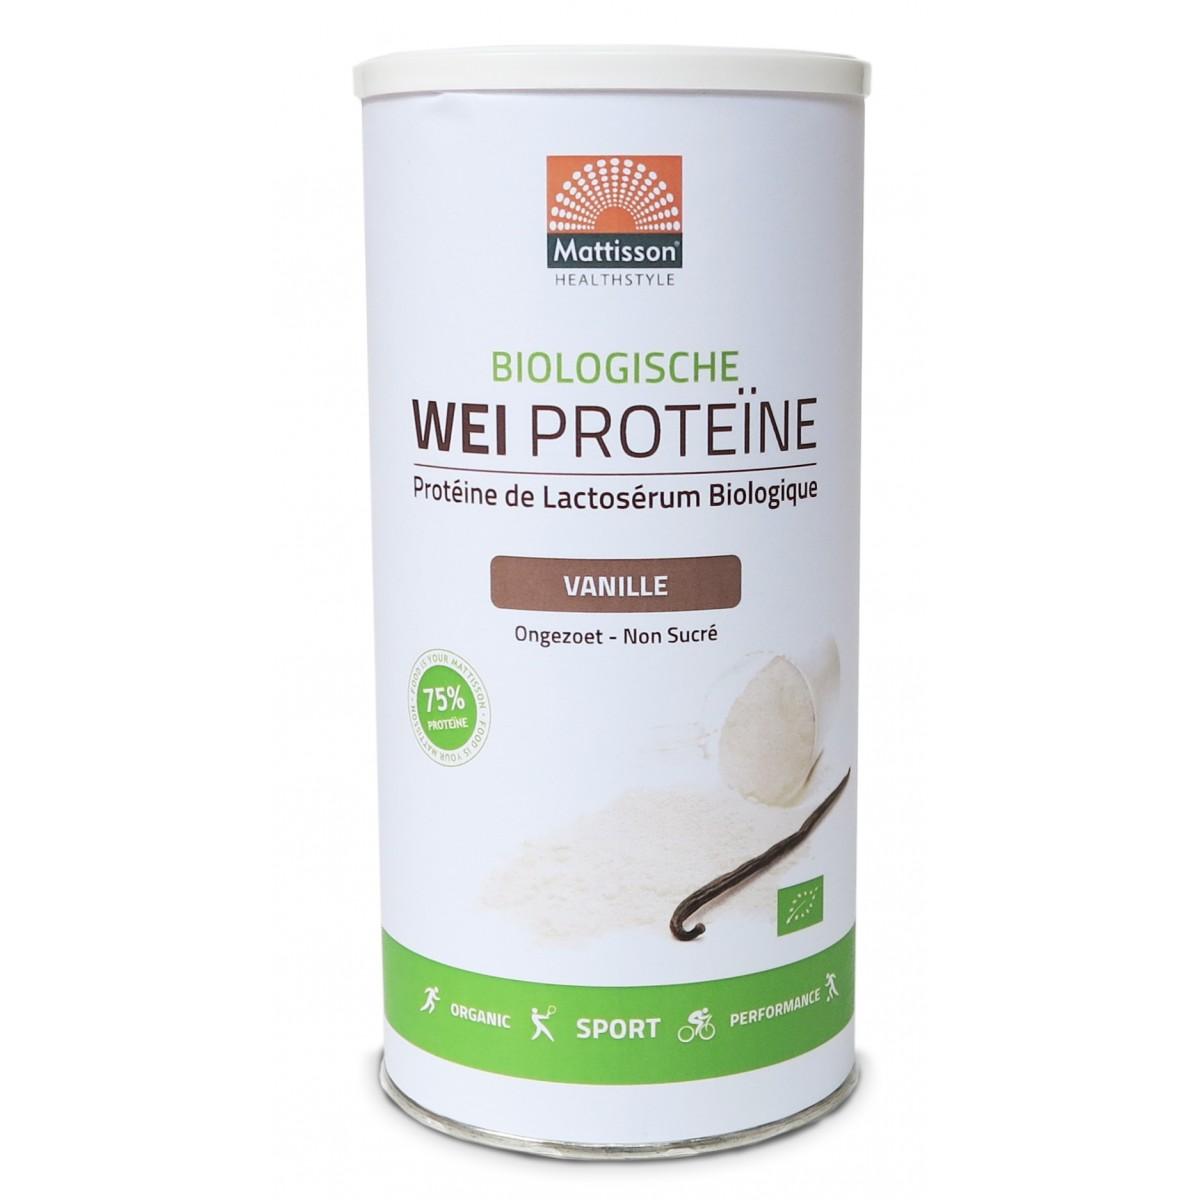 Wei Proteïne Vanille Biologisch